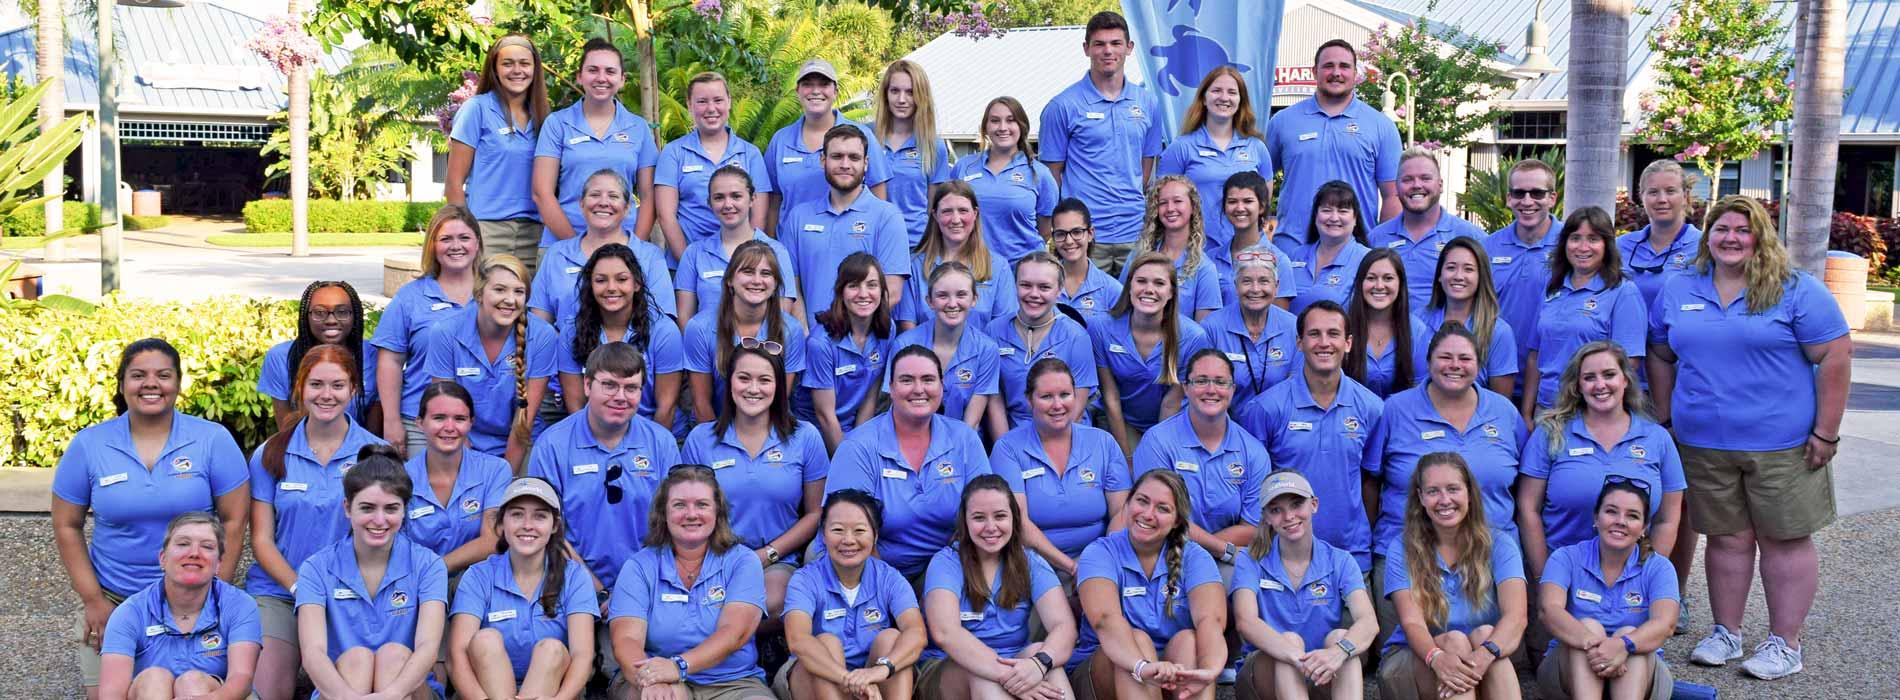 2019奥兰多海洋世界夏令营辅导员